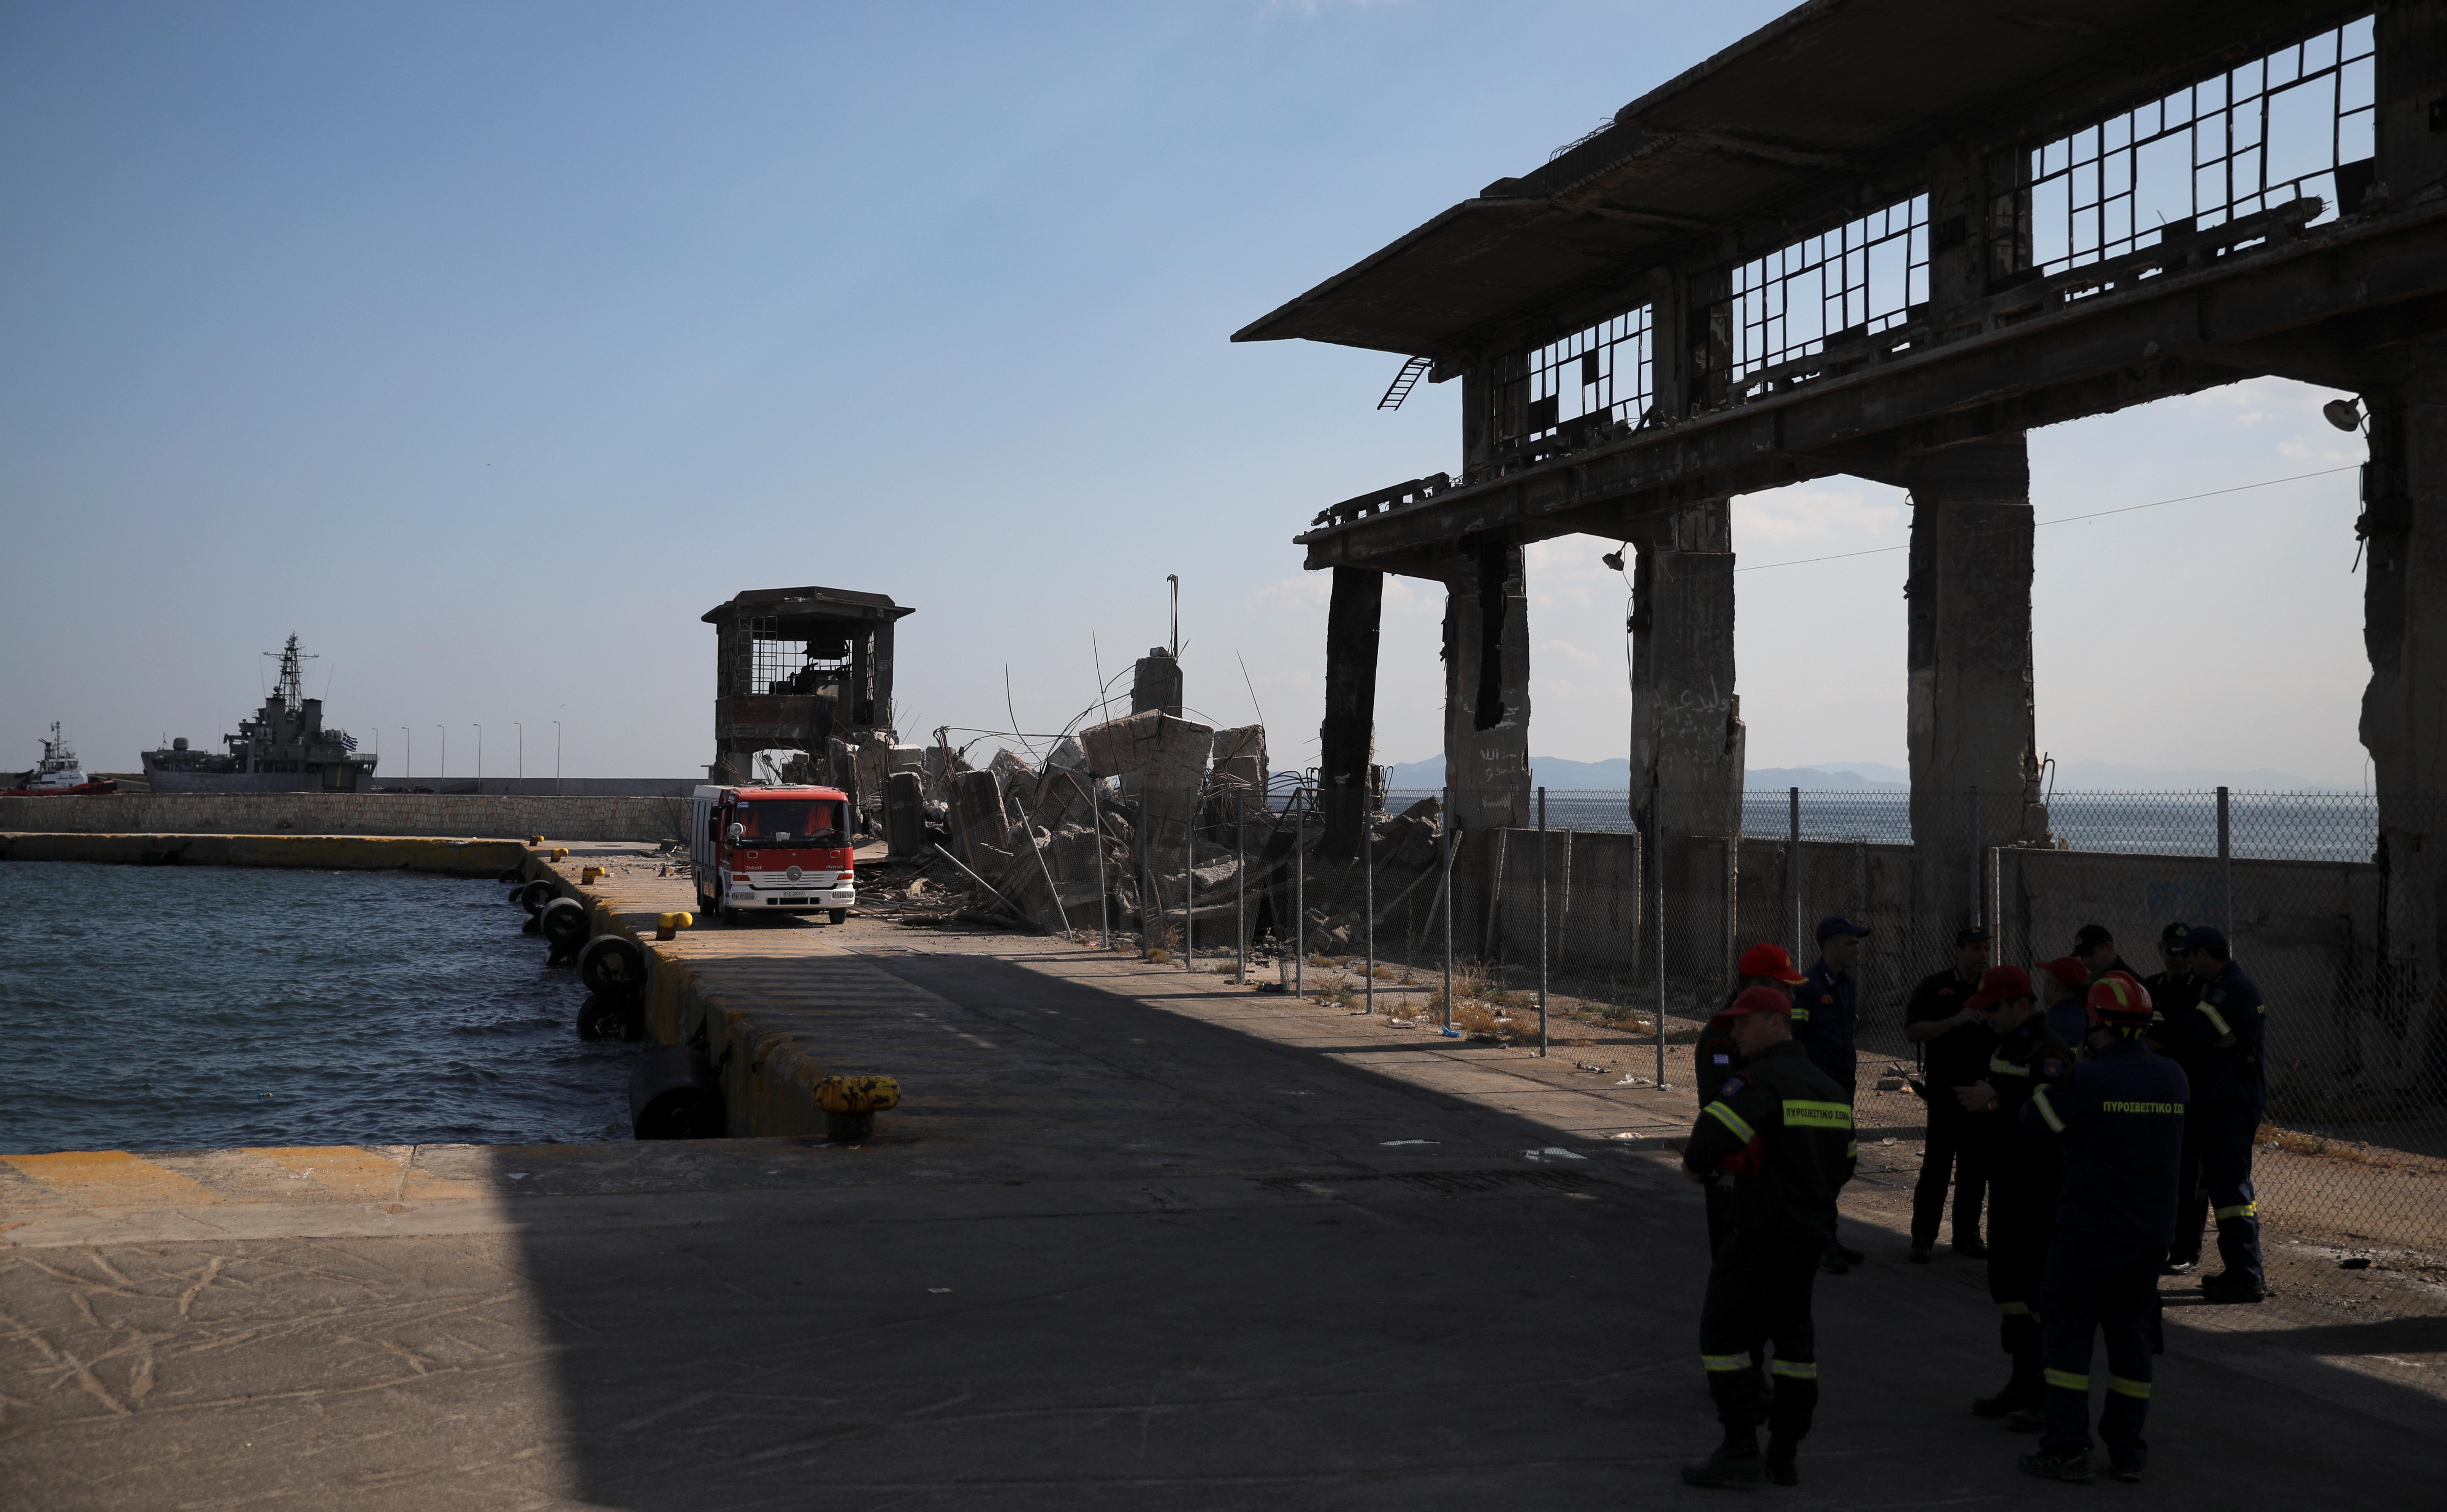 Τρομακτικές εικόνες από τον σεισμό - Κατέρρευσαν κτίσματα στο λιμάνι του Πειραιά και στο κέντρο της Αθήνας! Ξεκόλλησαν κάγκελα από μπαλκόνι